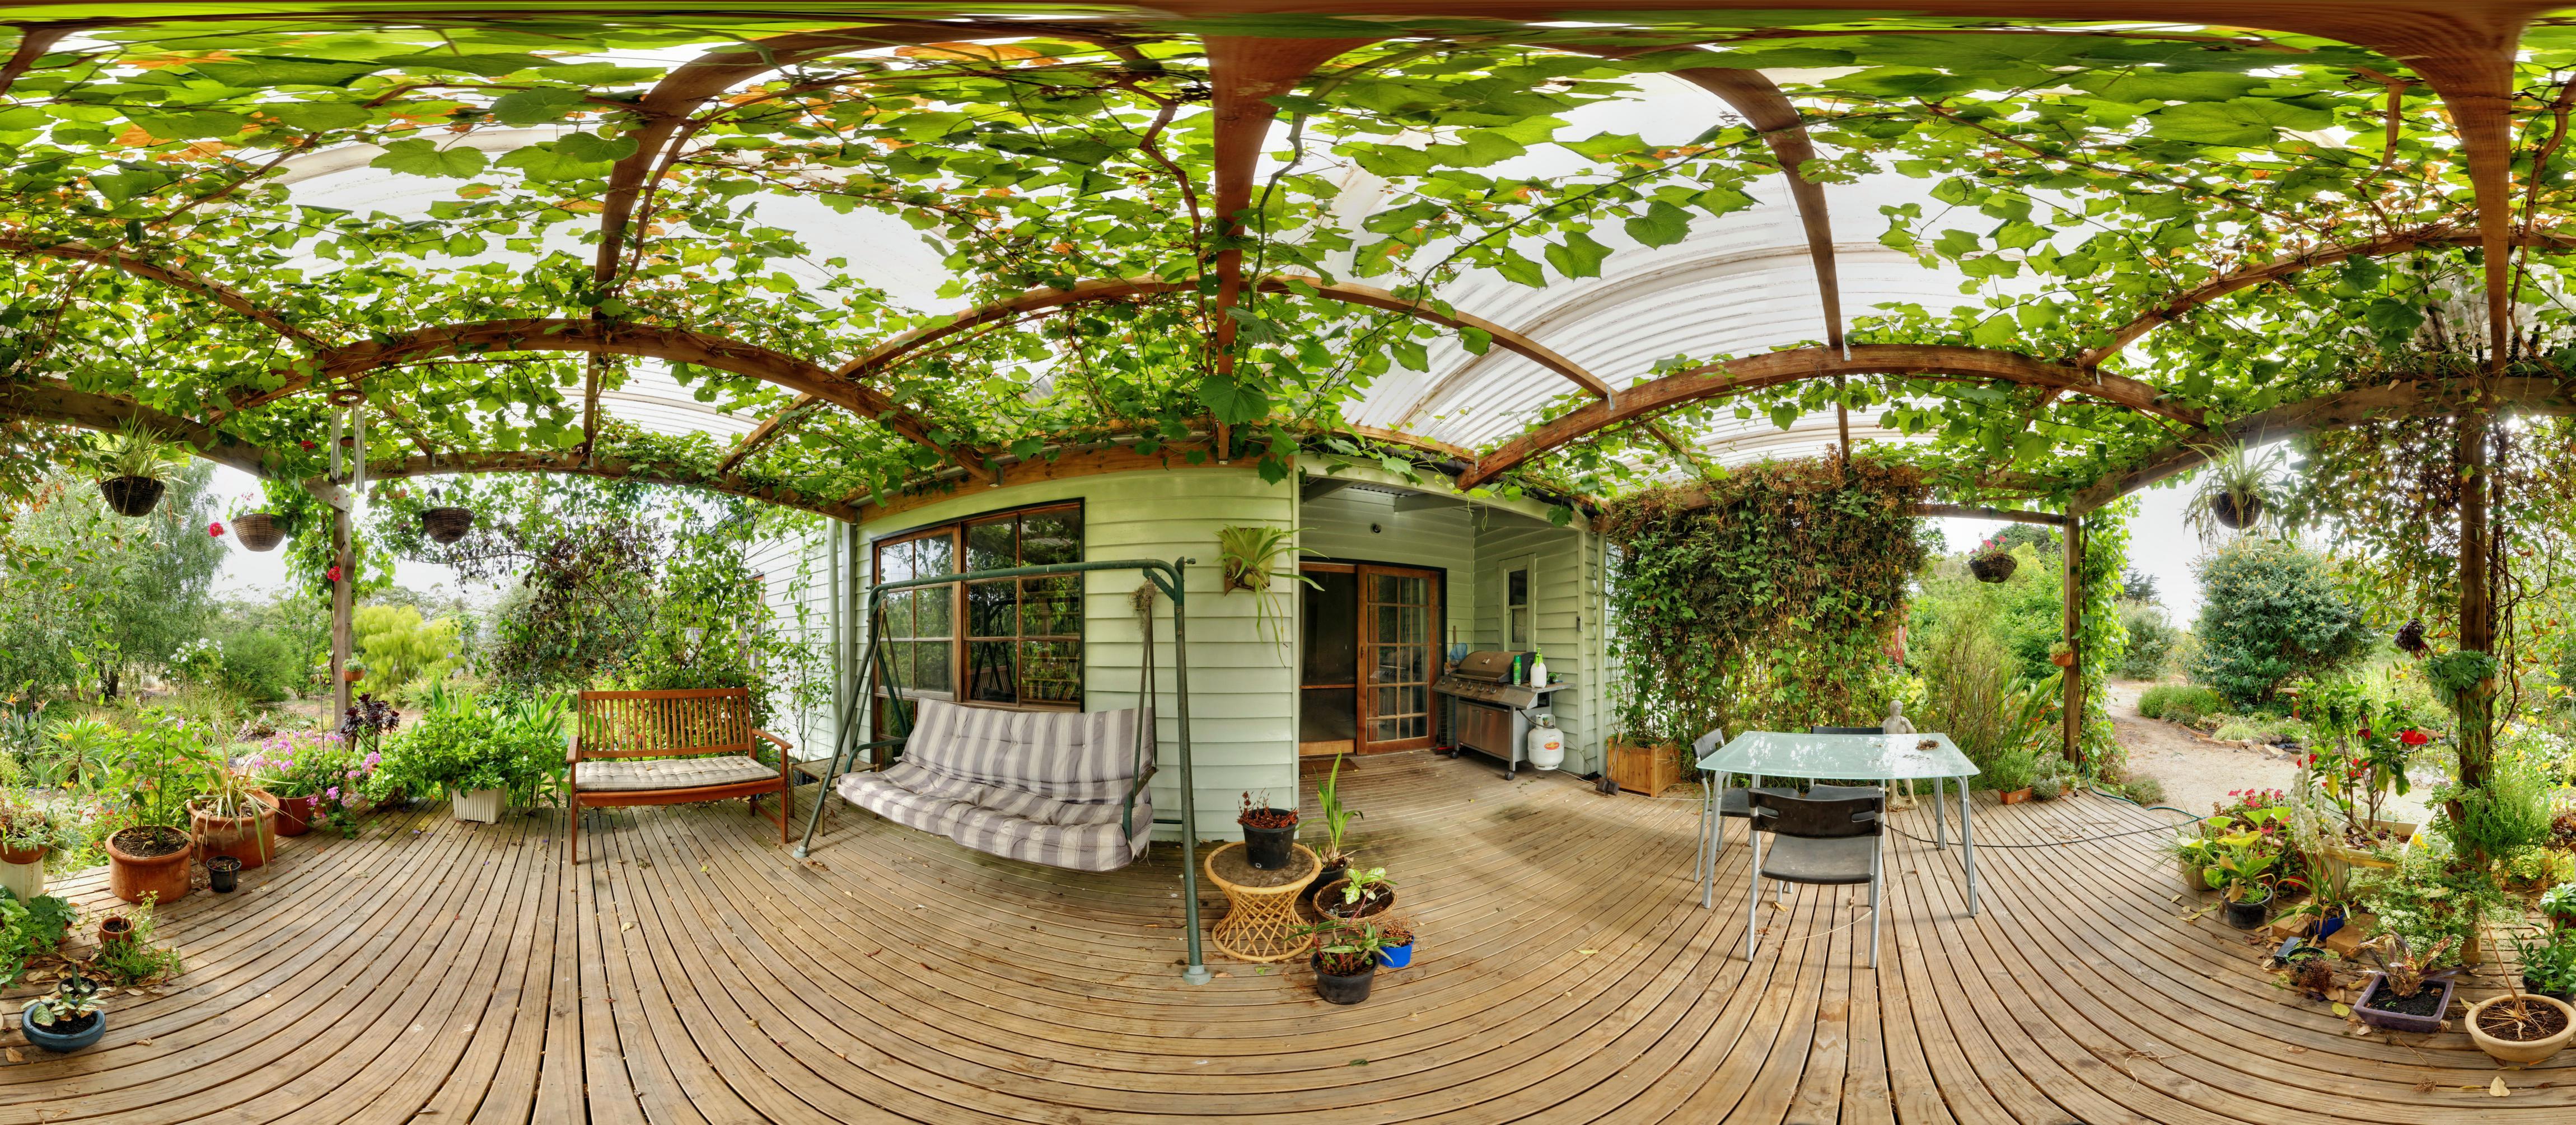 verandah-centre-cpfind-4vert.jpeg